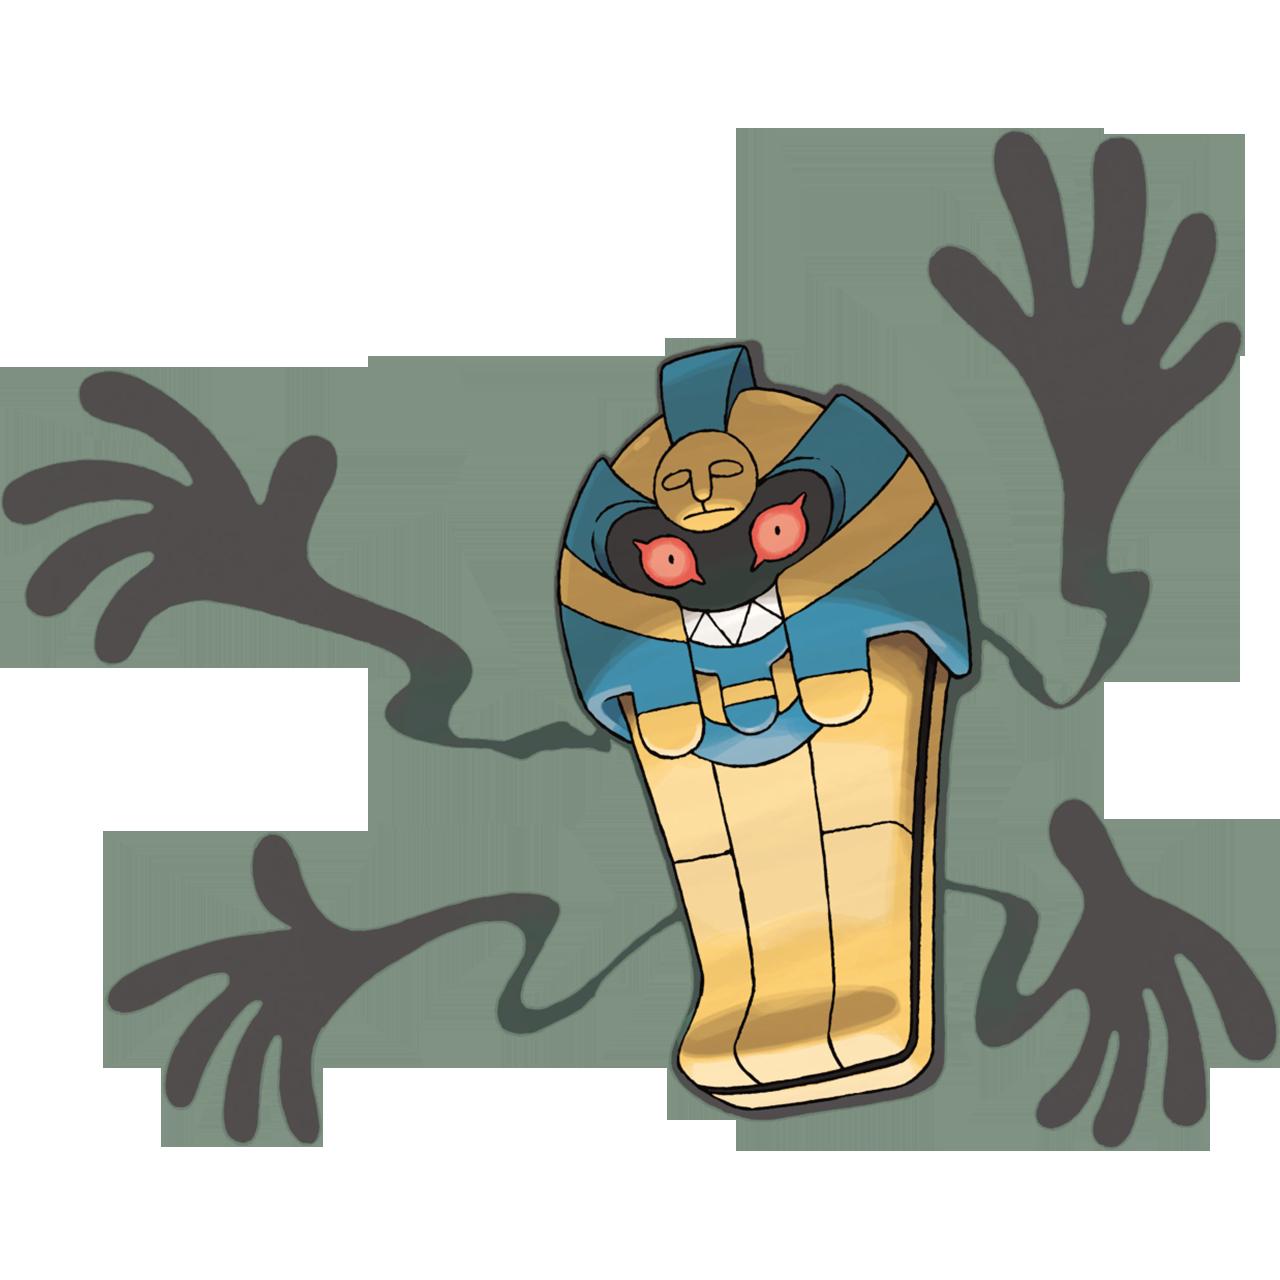 Cofagrigus flavor – Pokémon #563 - veekun